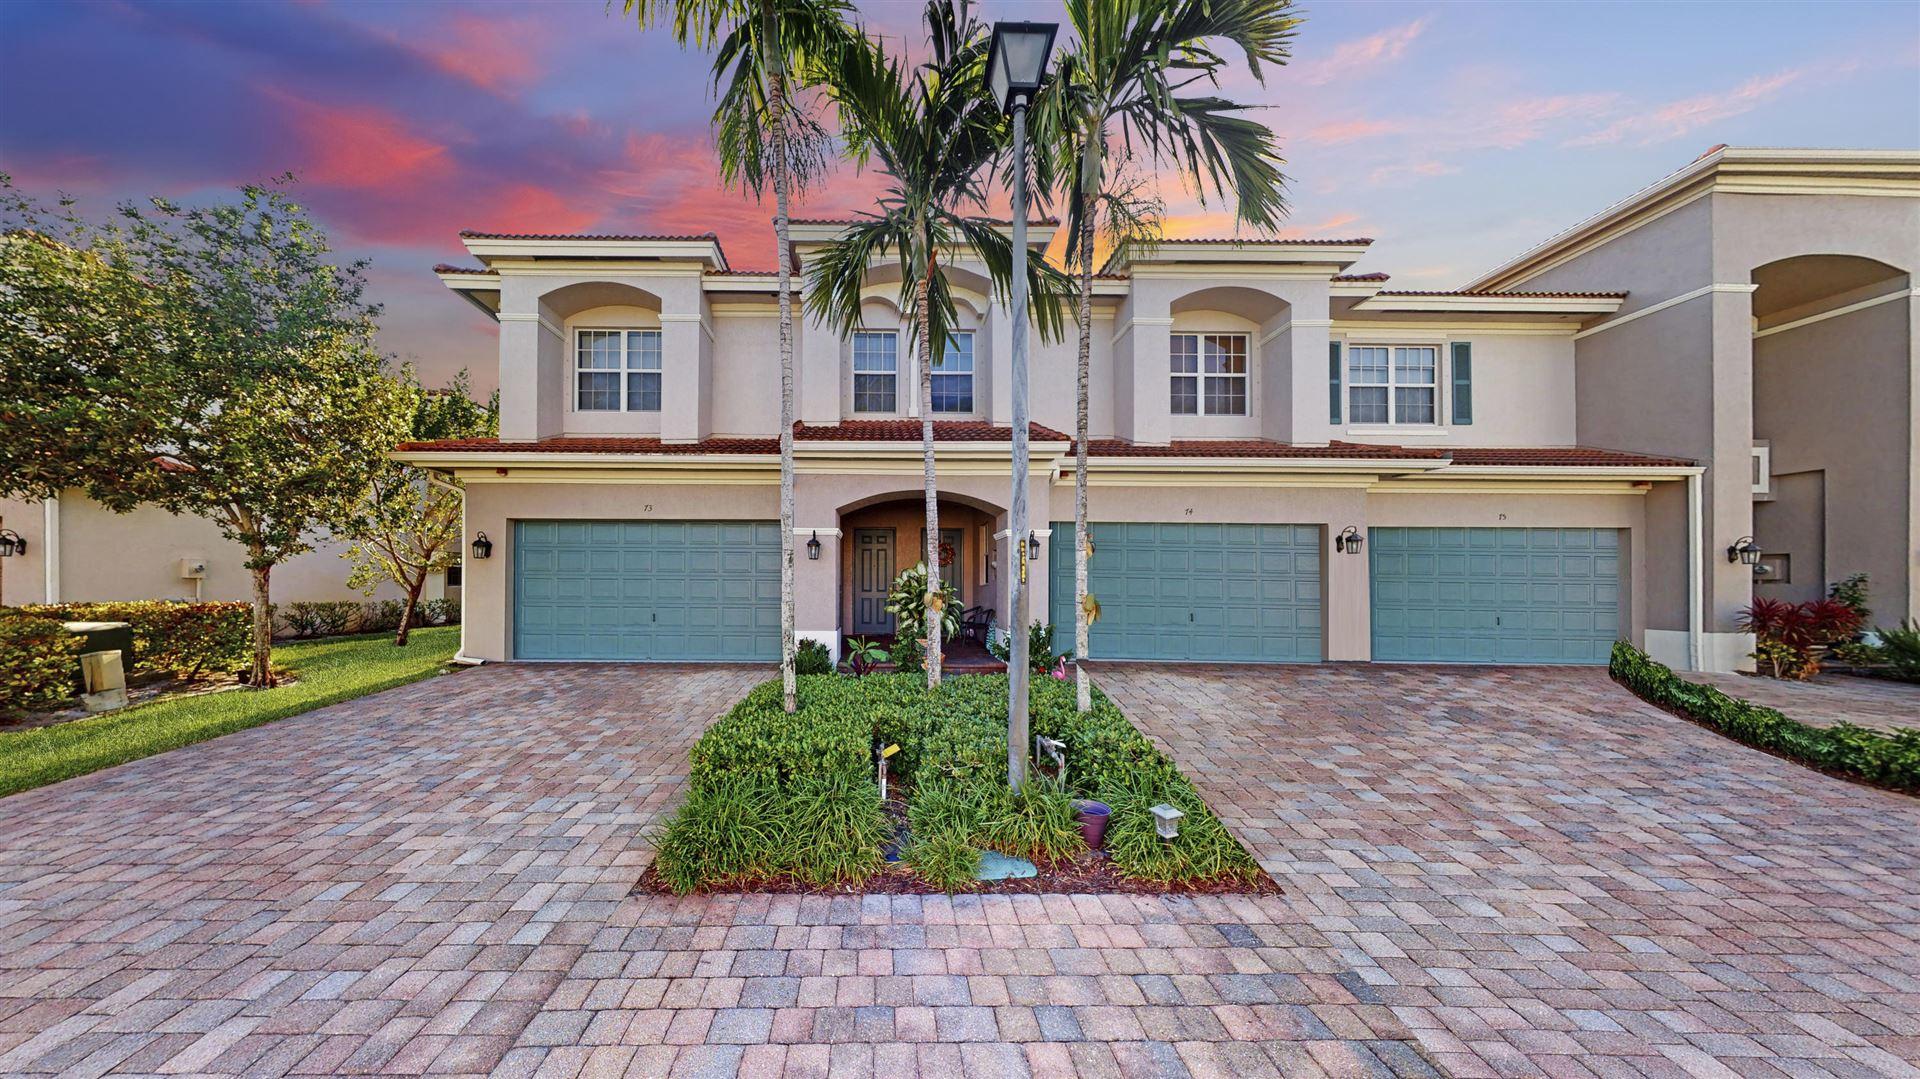 73 Landau Street, Boynton Beach, FL 33426 - #: RX-10616030